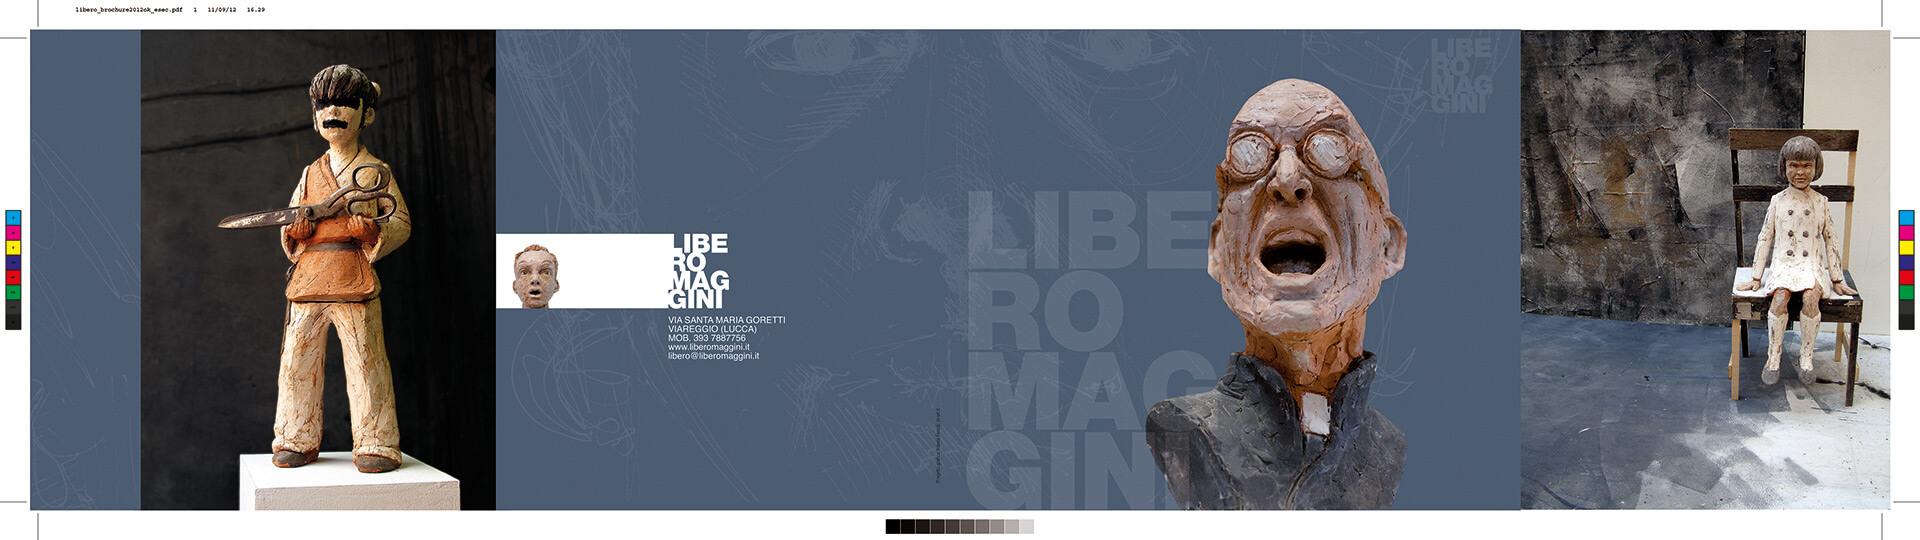 Libero Maggini brochure by Start